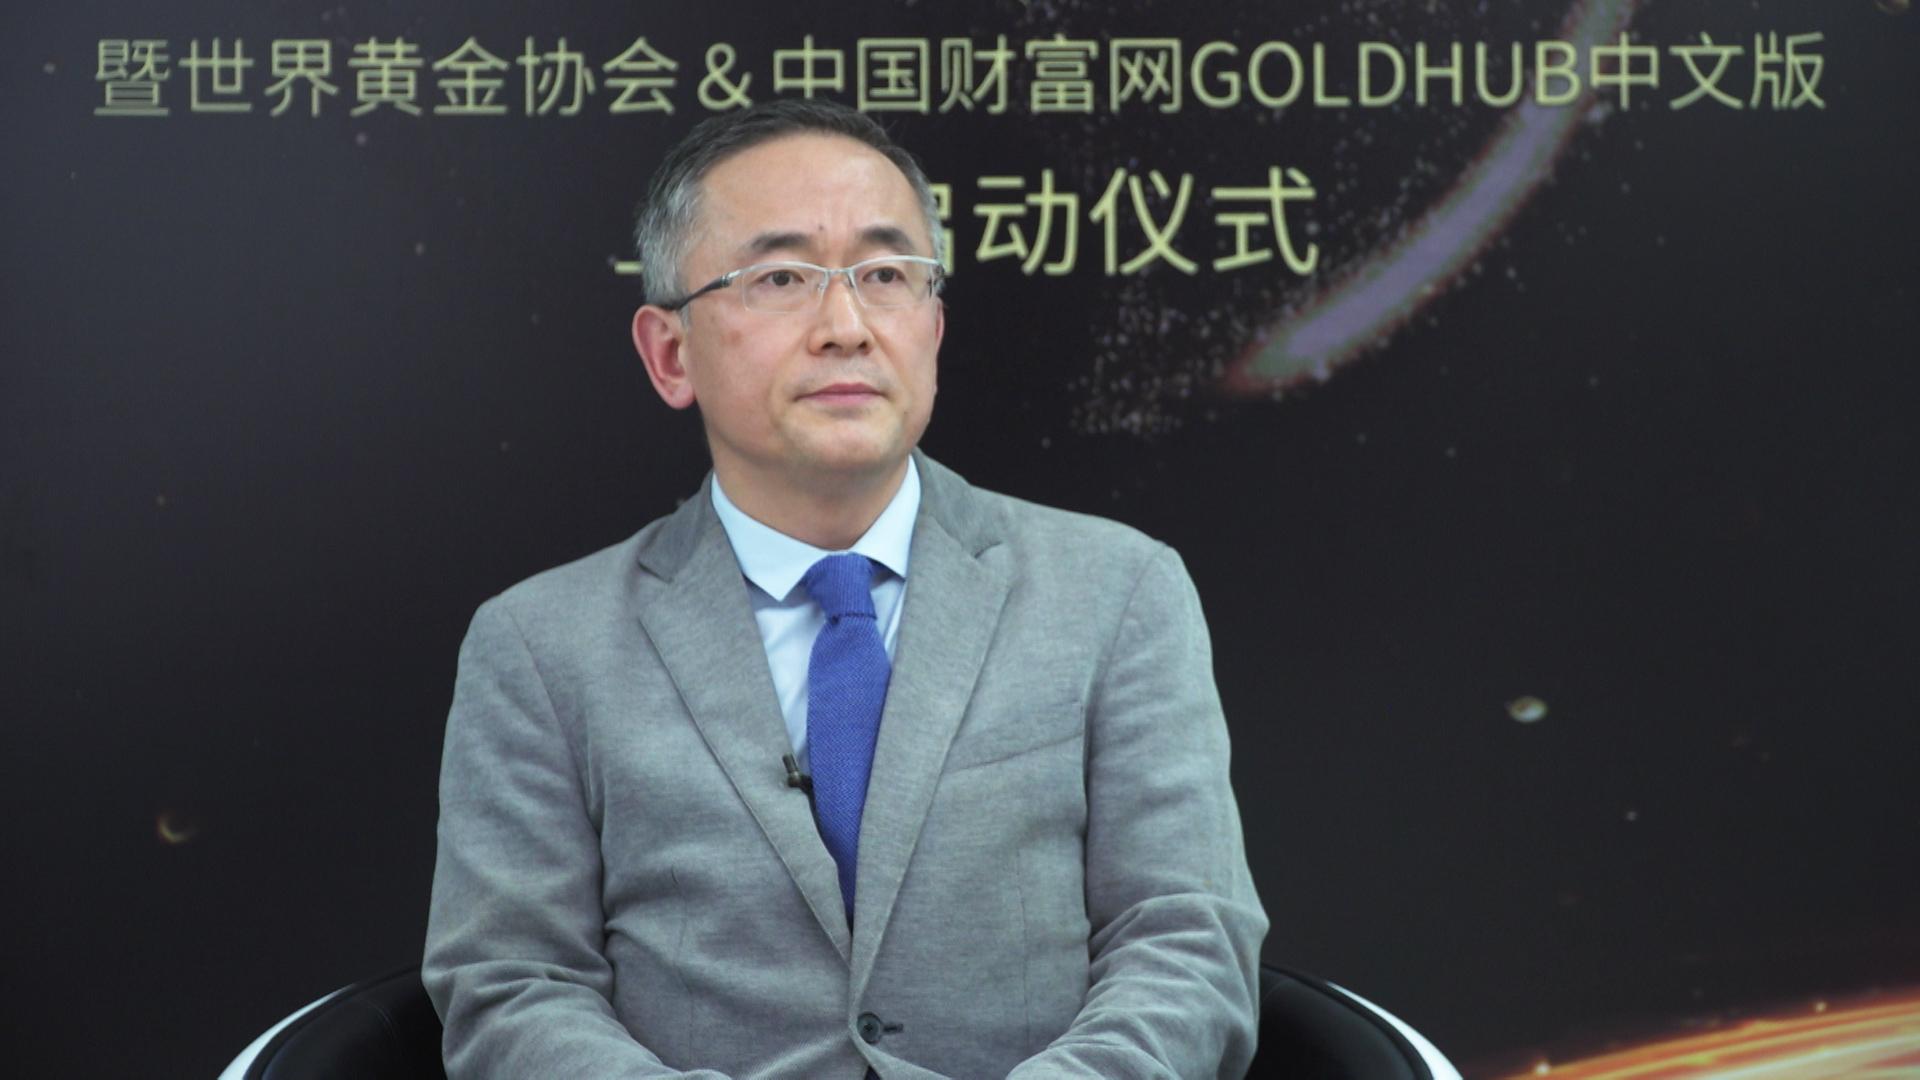 王立新:黄金具有长期配置价值